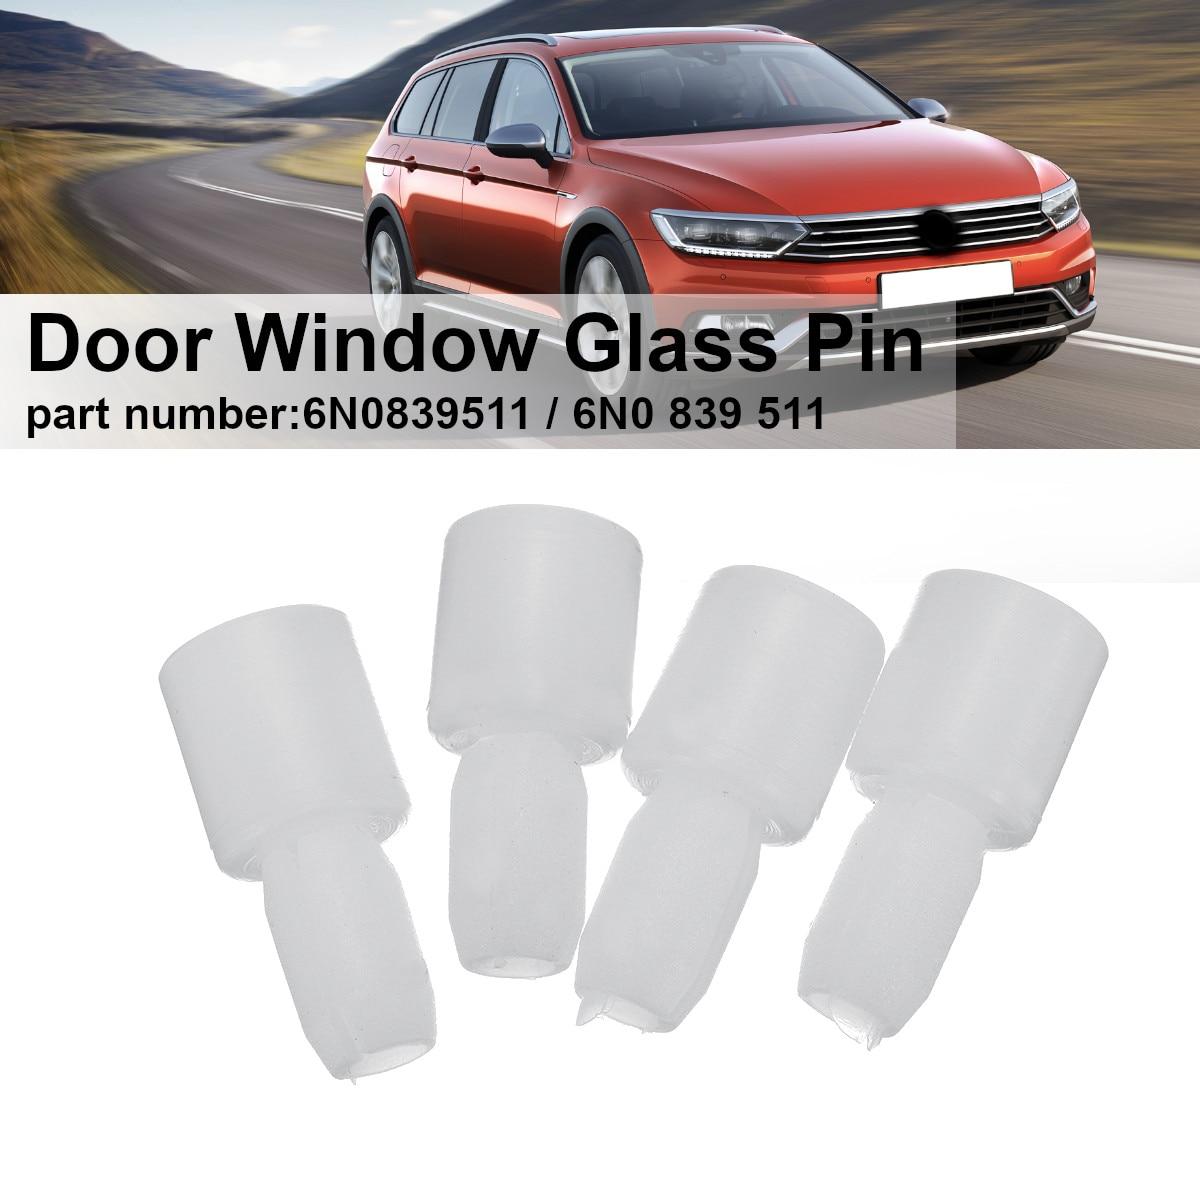 3c02feac9b67 4Pcs Movable Door Window Glass Pin For VW Passat B5 B7 Jetta 5 MK6 Bora 4  Golf 4 MK5 Tiguan Superb Seat Ibiza Leon A4 6N0839511